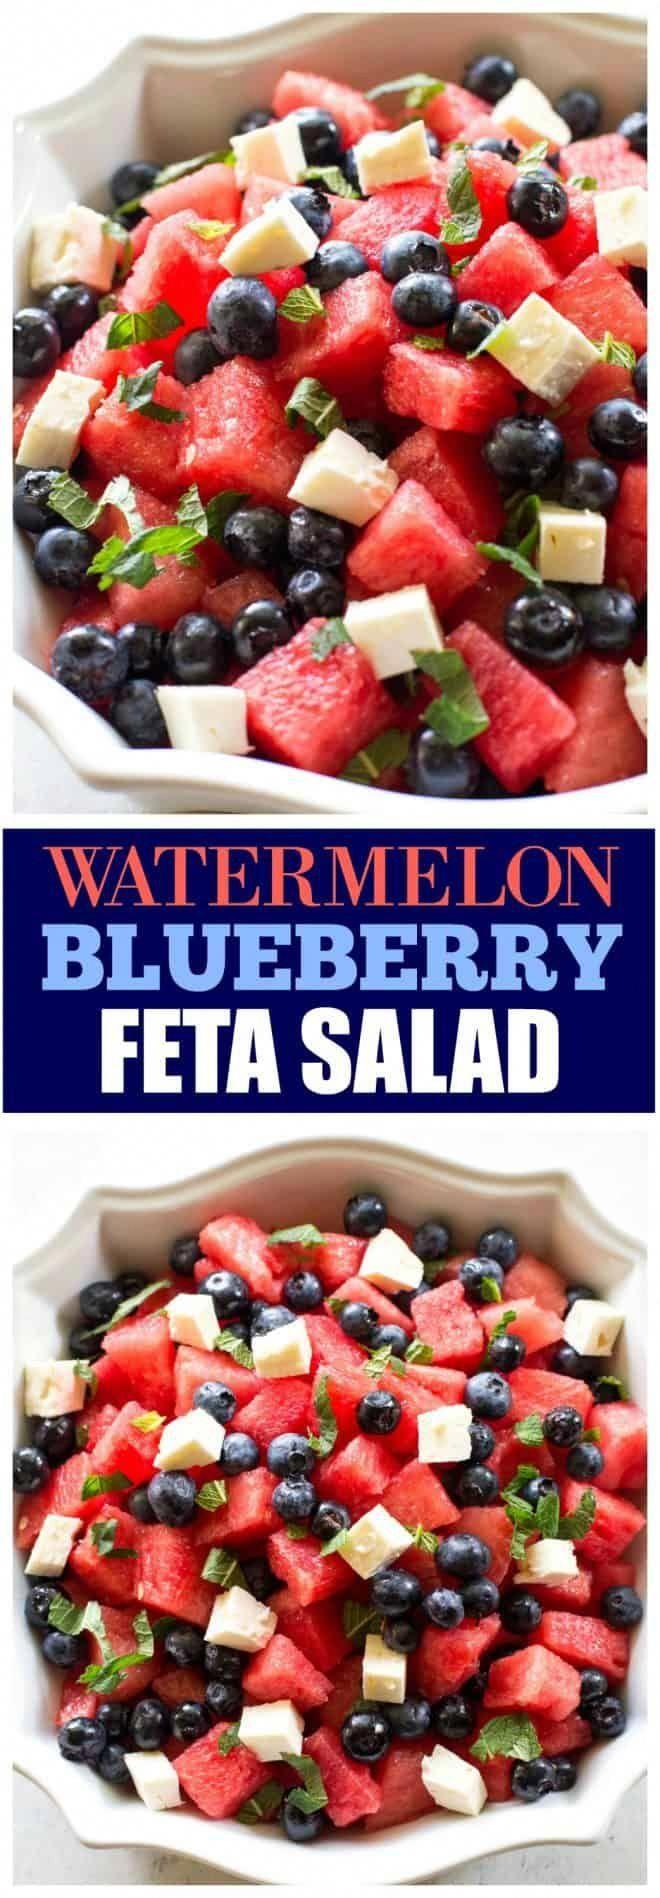 Watermelon Blueberry Feta Salad is a unique combination that tastes amazing!